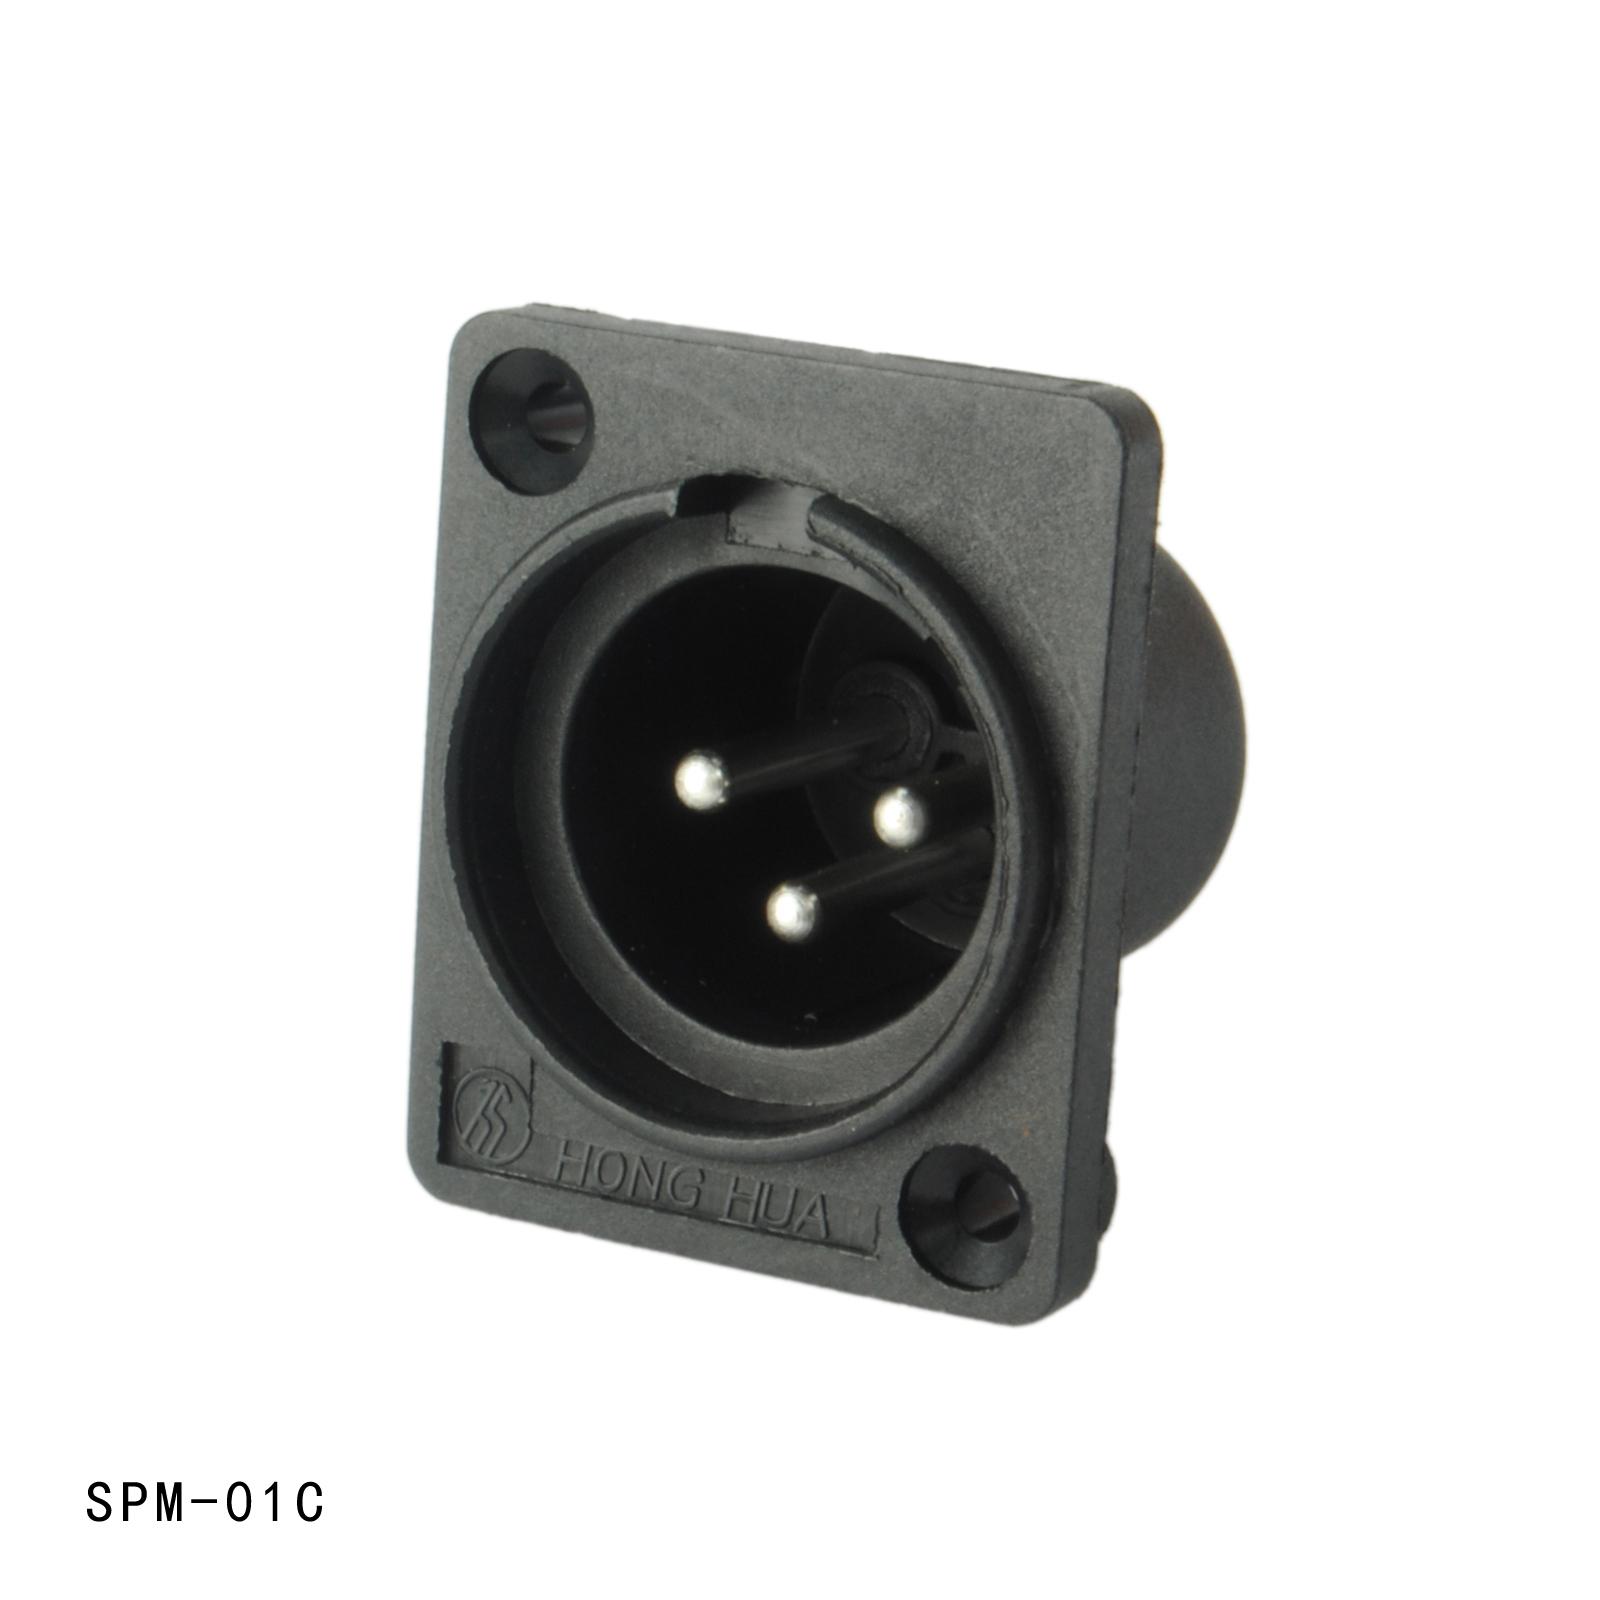 SPM-01C